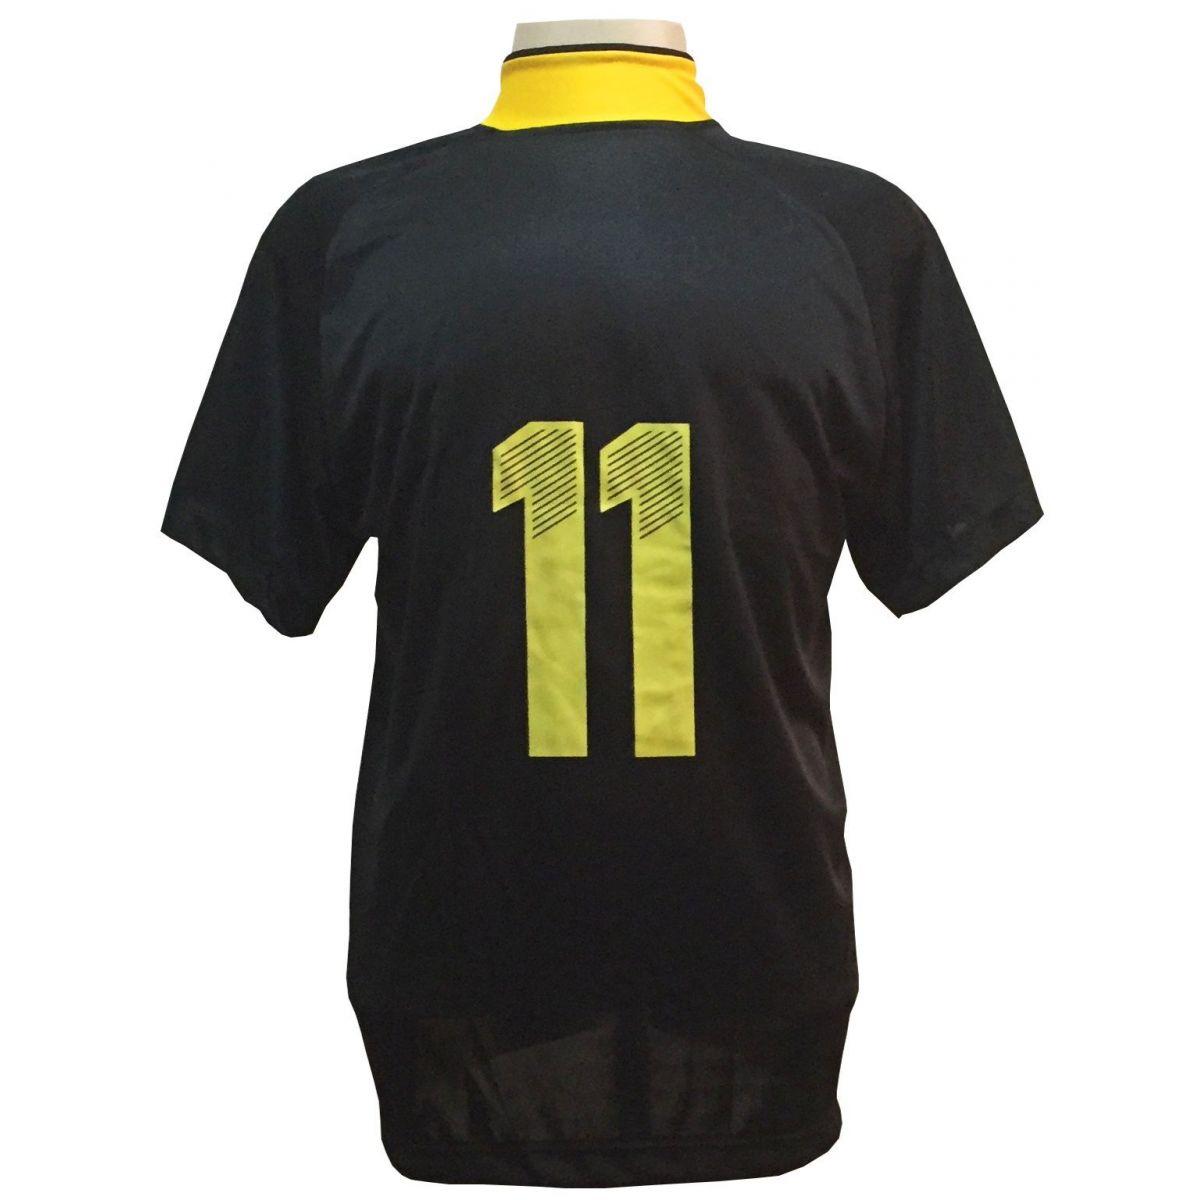 Uniforme Esportivo com 12 camisas modelo Milan Preto/Amarelo + 12 calções modelo Madrid Preto + Brindes